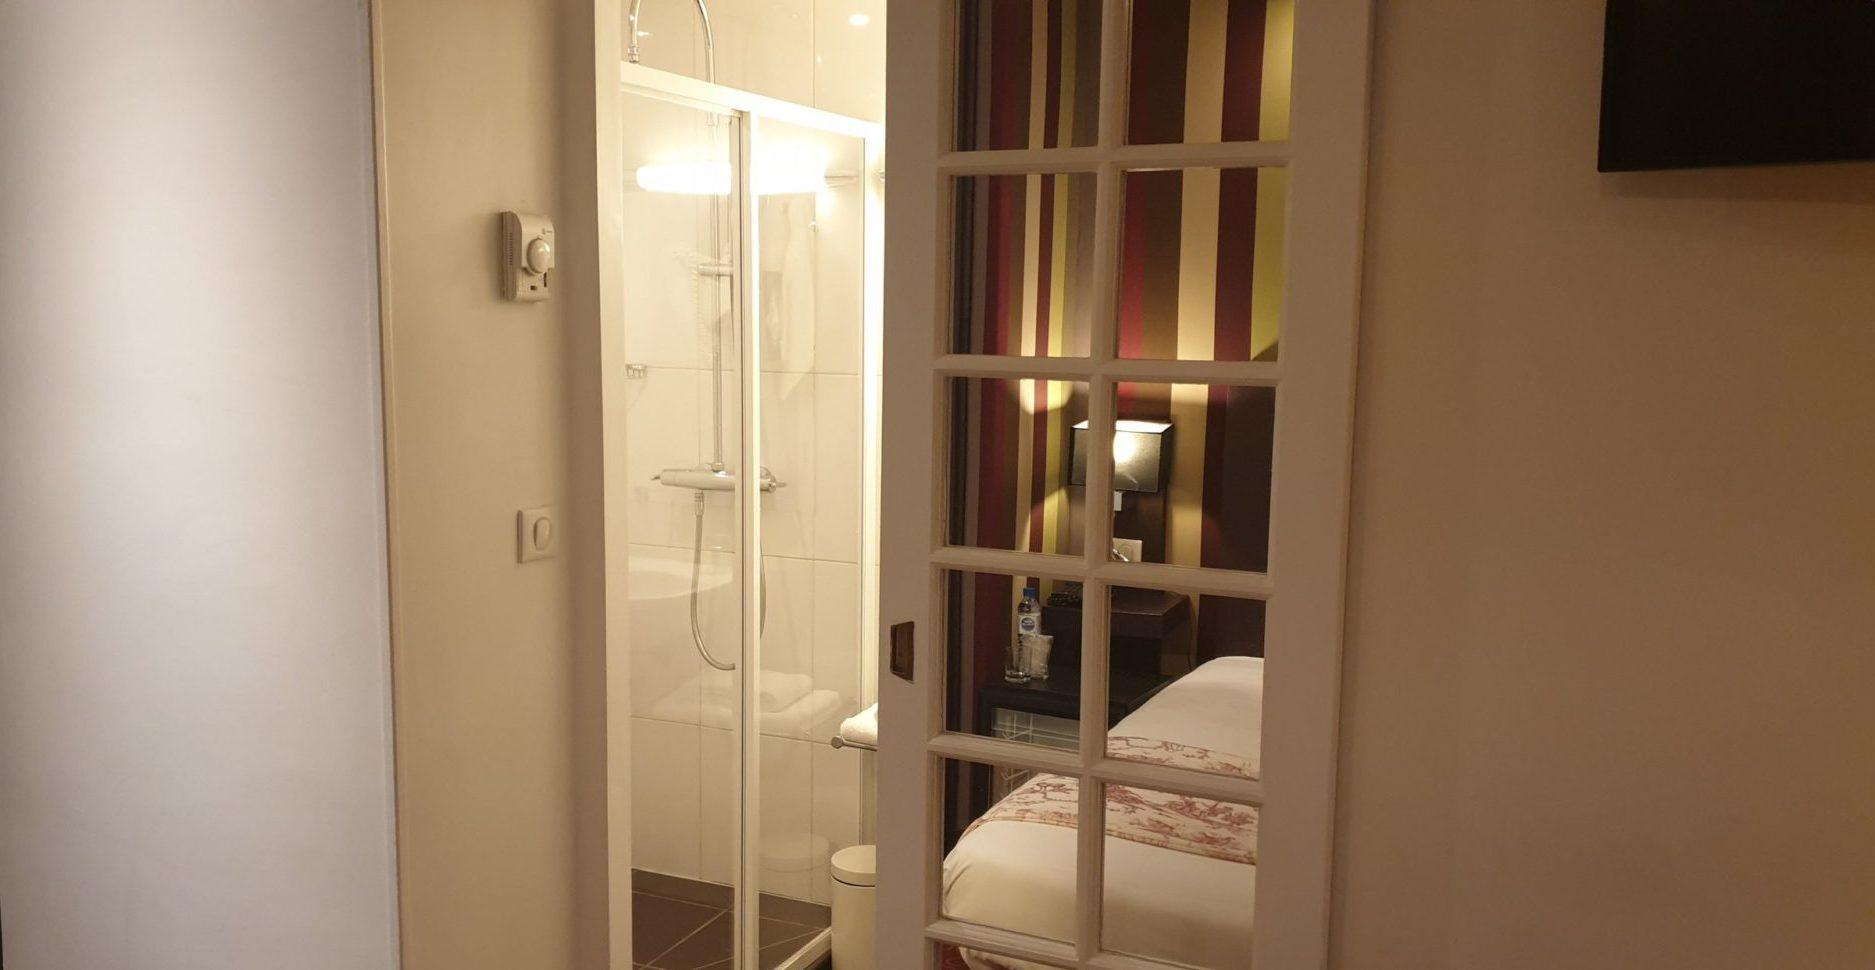 salle de bain single - hôtel star champs-élysées